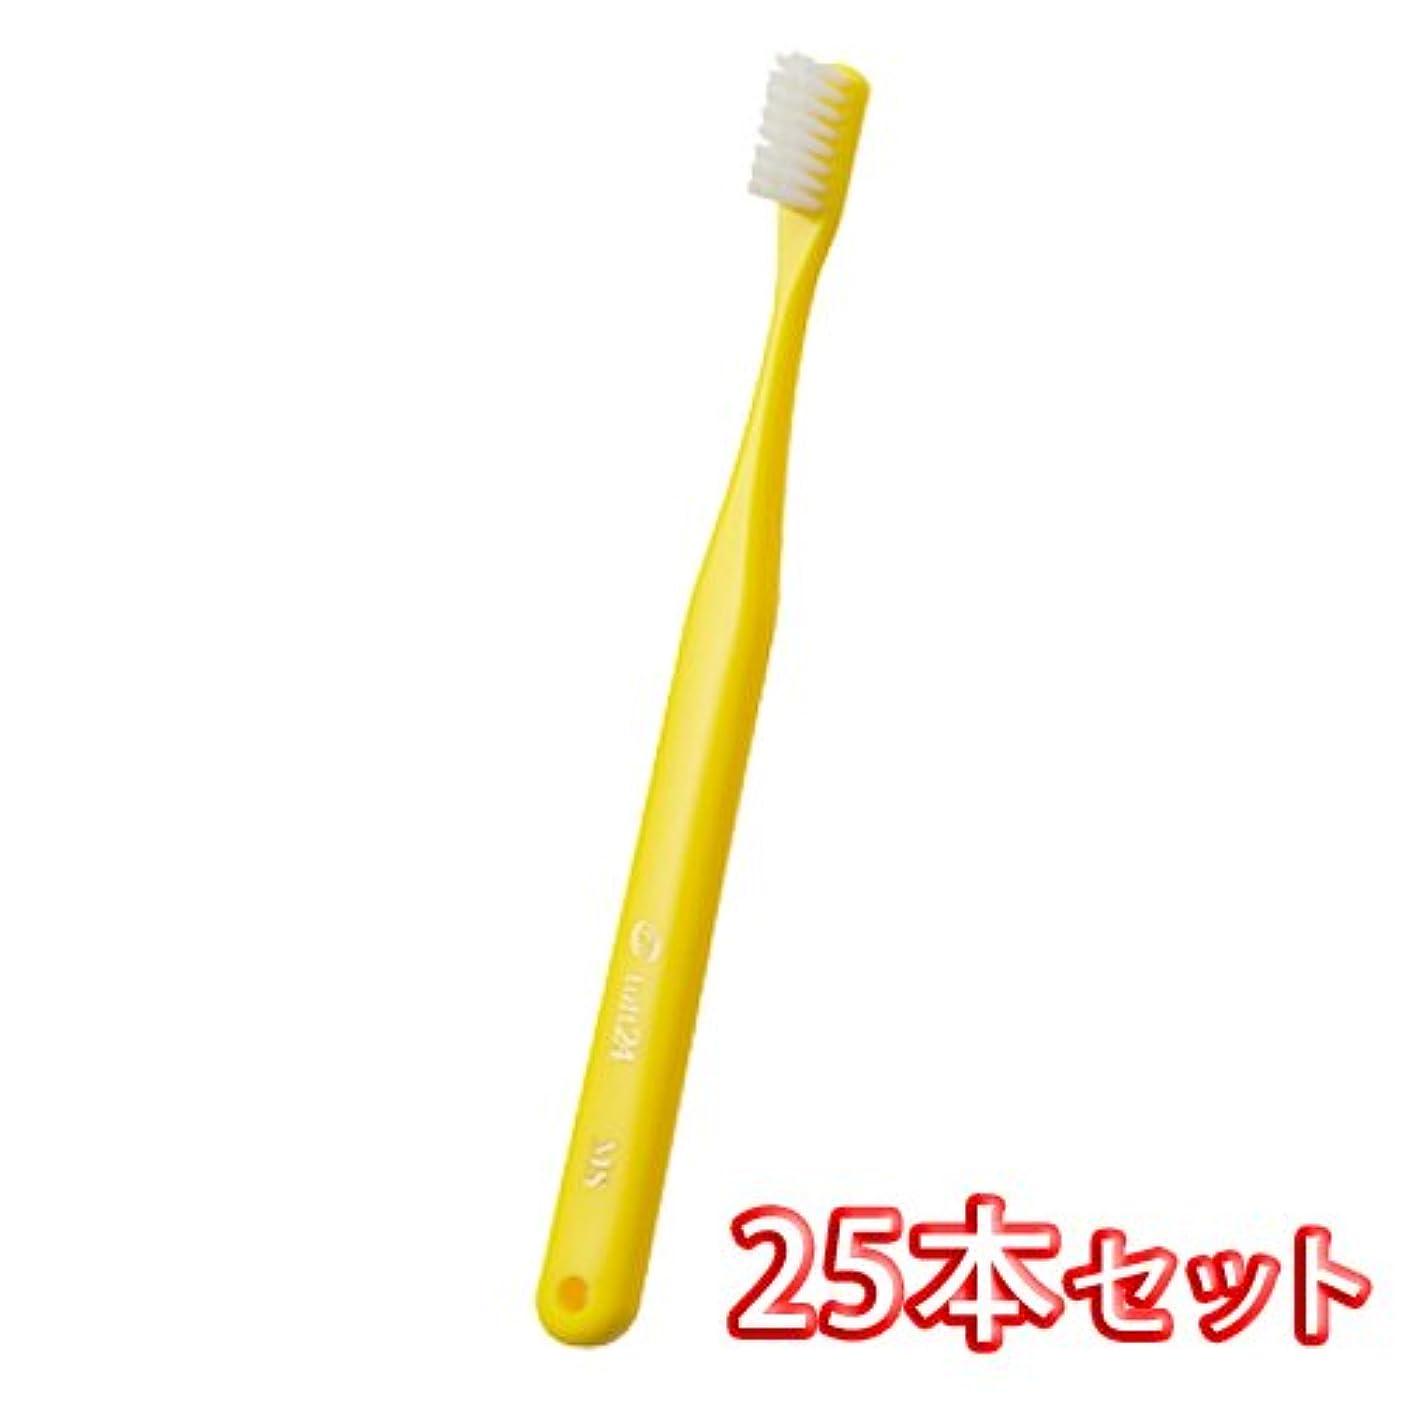 オーラルケア キャップ付き タフト 24 歯ブラシ 25本入 ミディアムハード MH (イエロー)